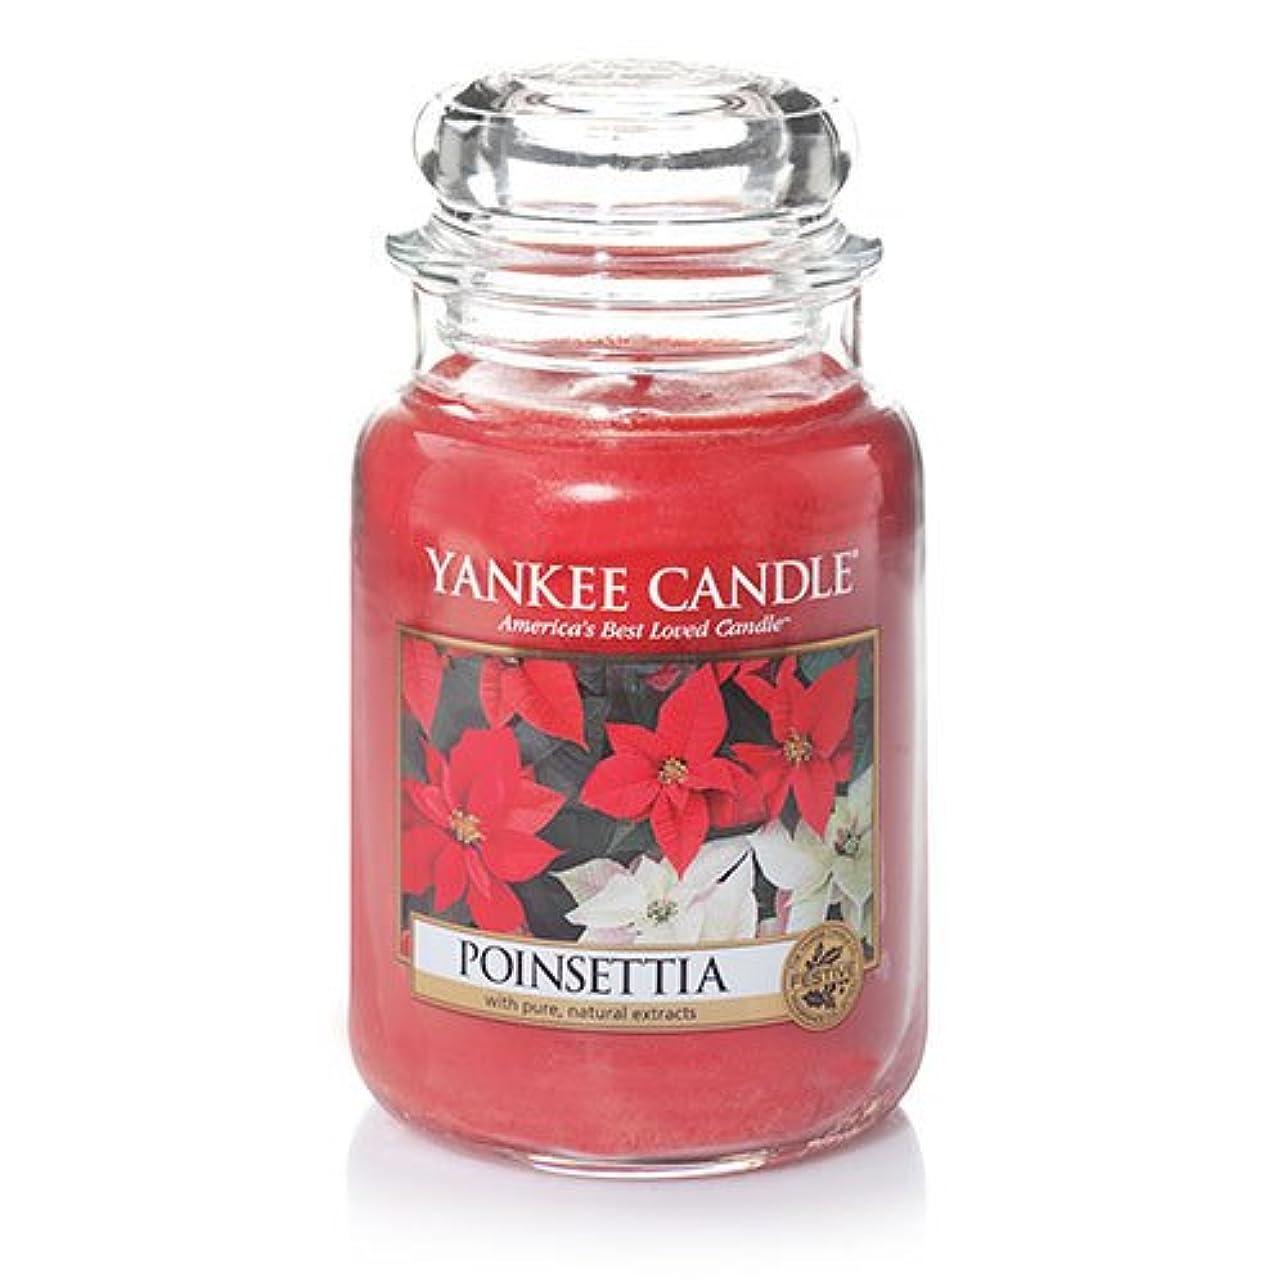 除去中央値ソロYankeeキャンドルポインセチアLarge Jar Candle、新鮮な香り